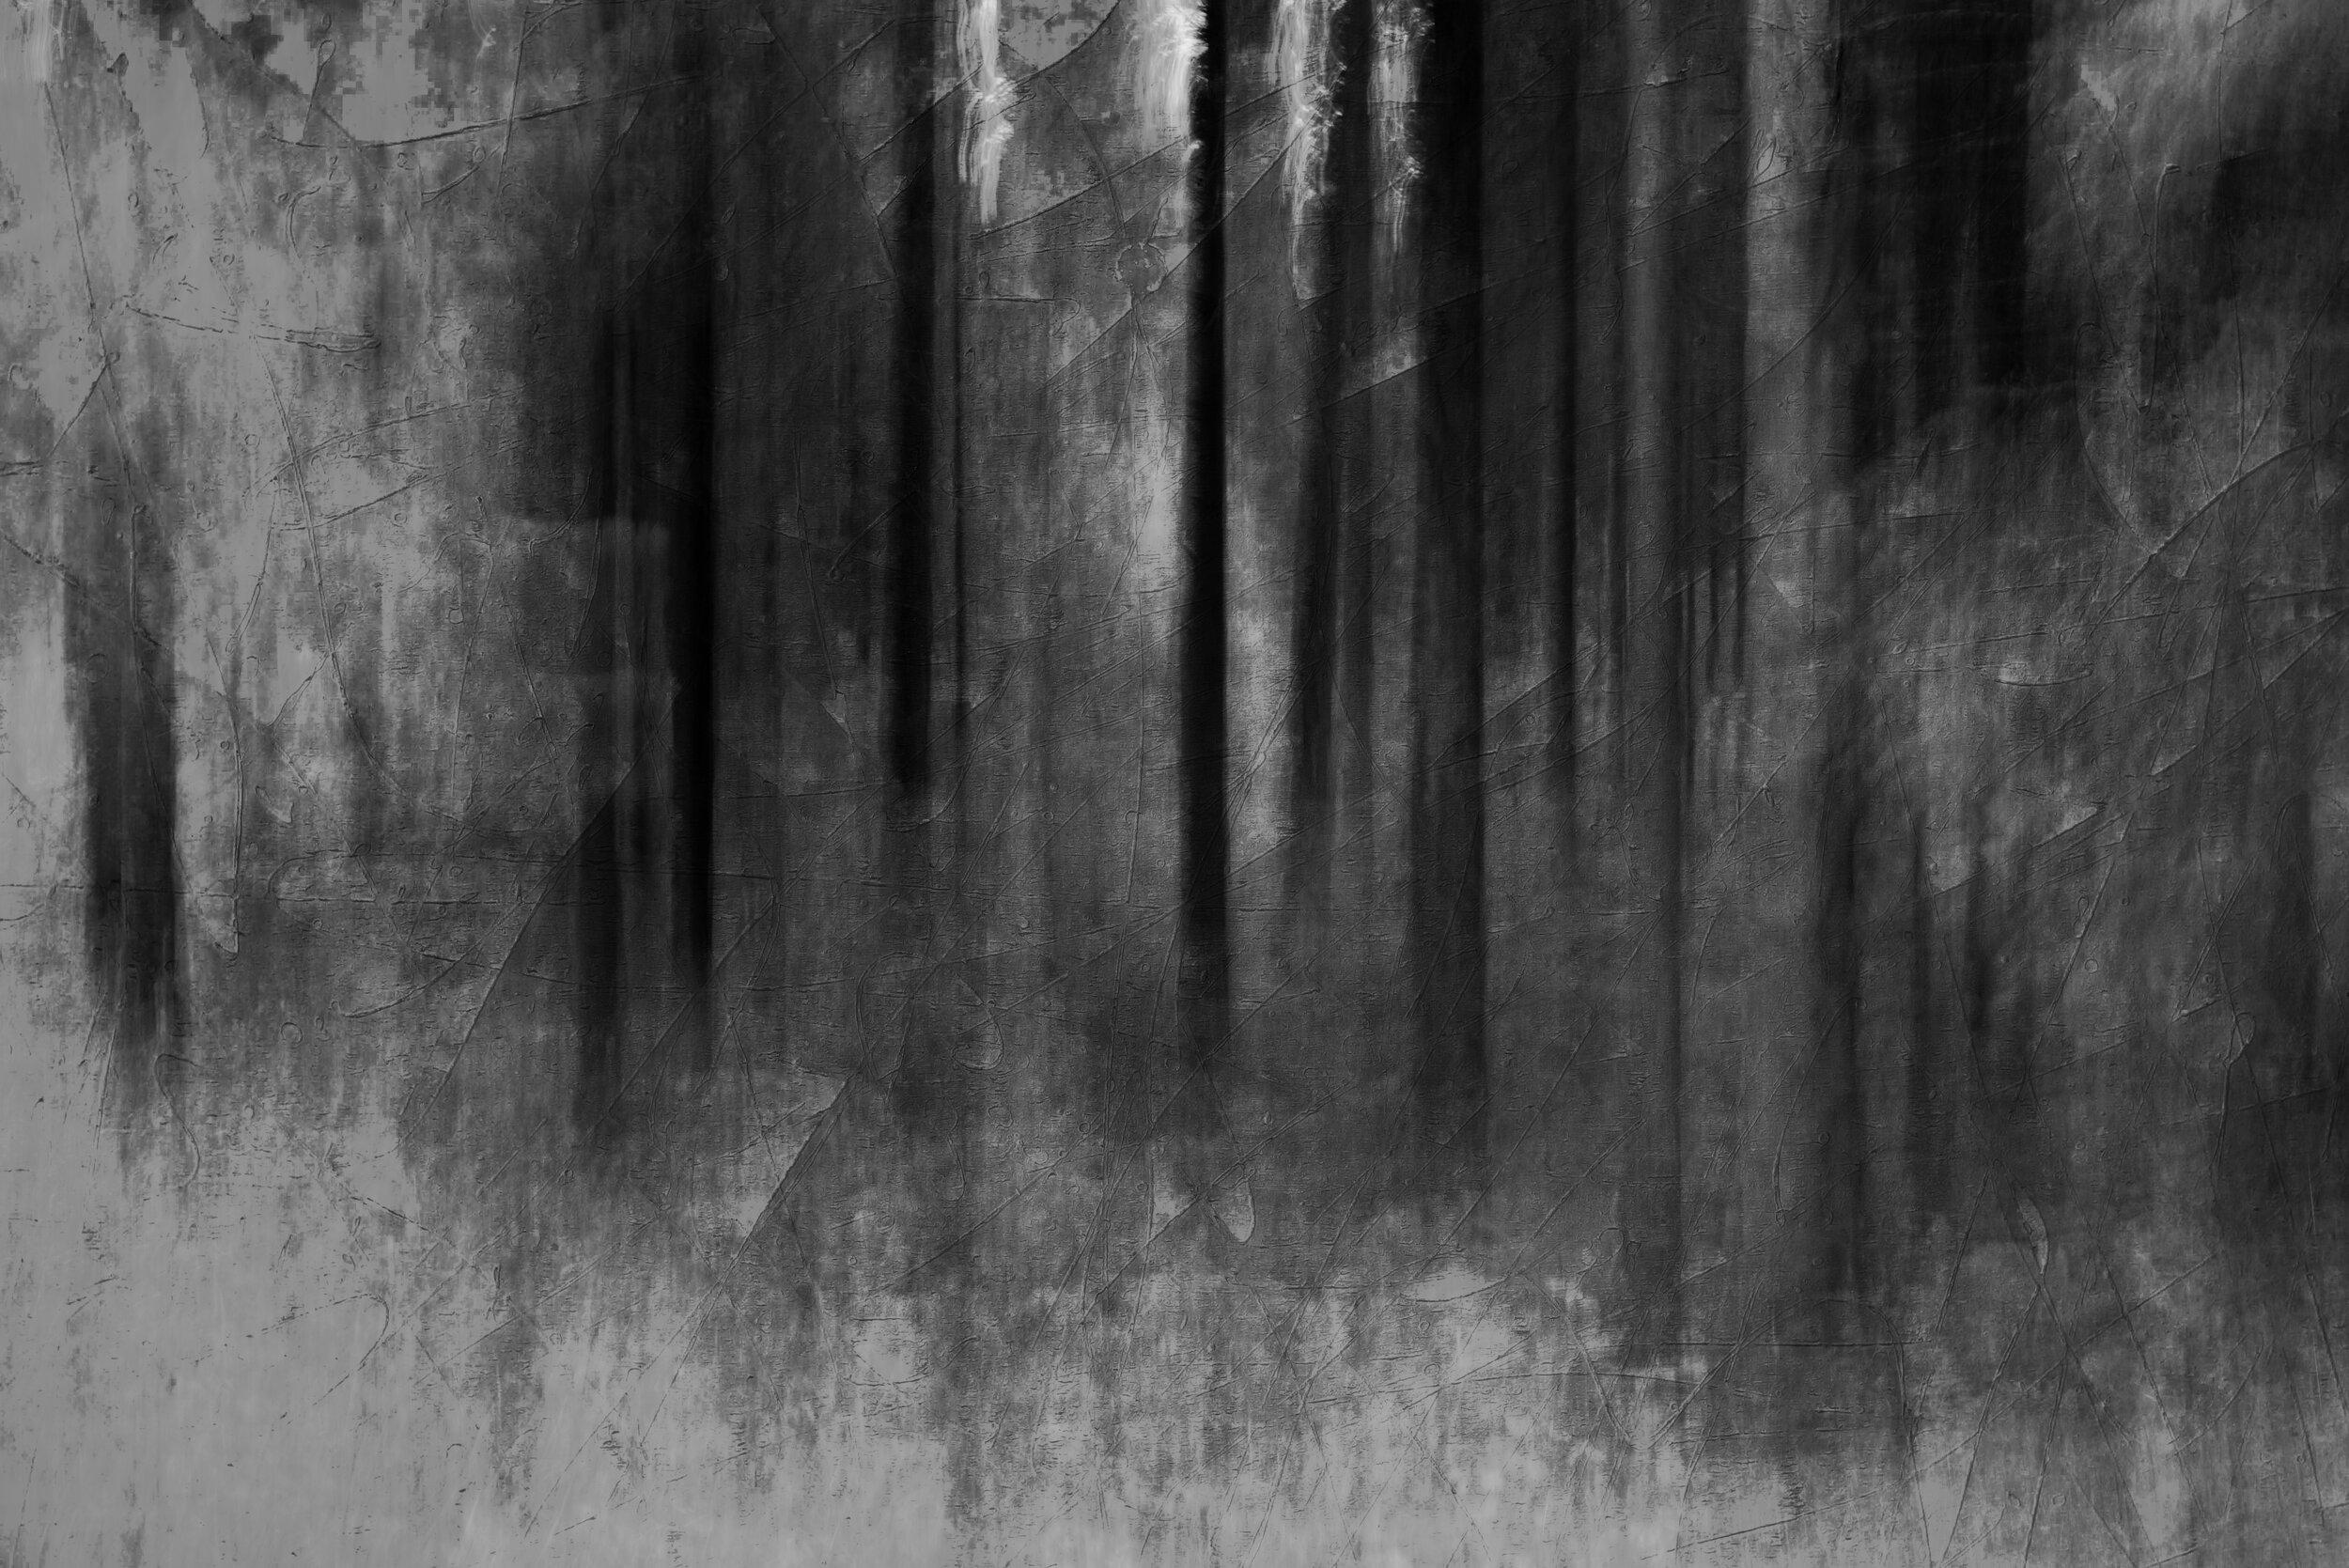 Forest bw 2019-4(Texture light).jpg